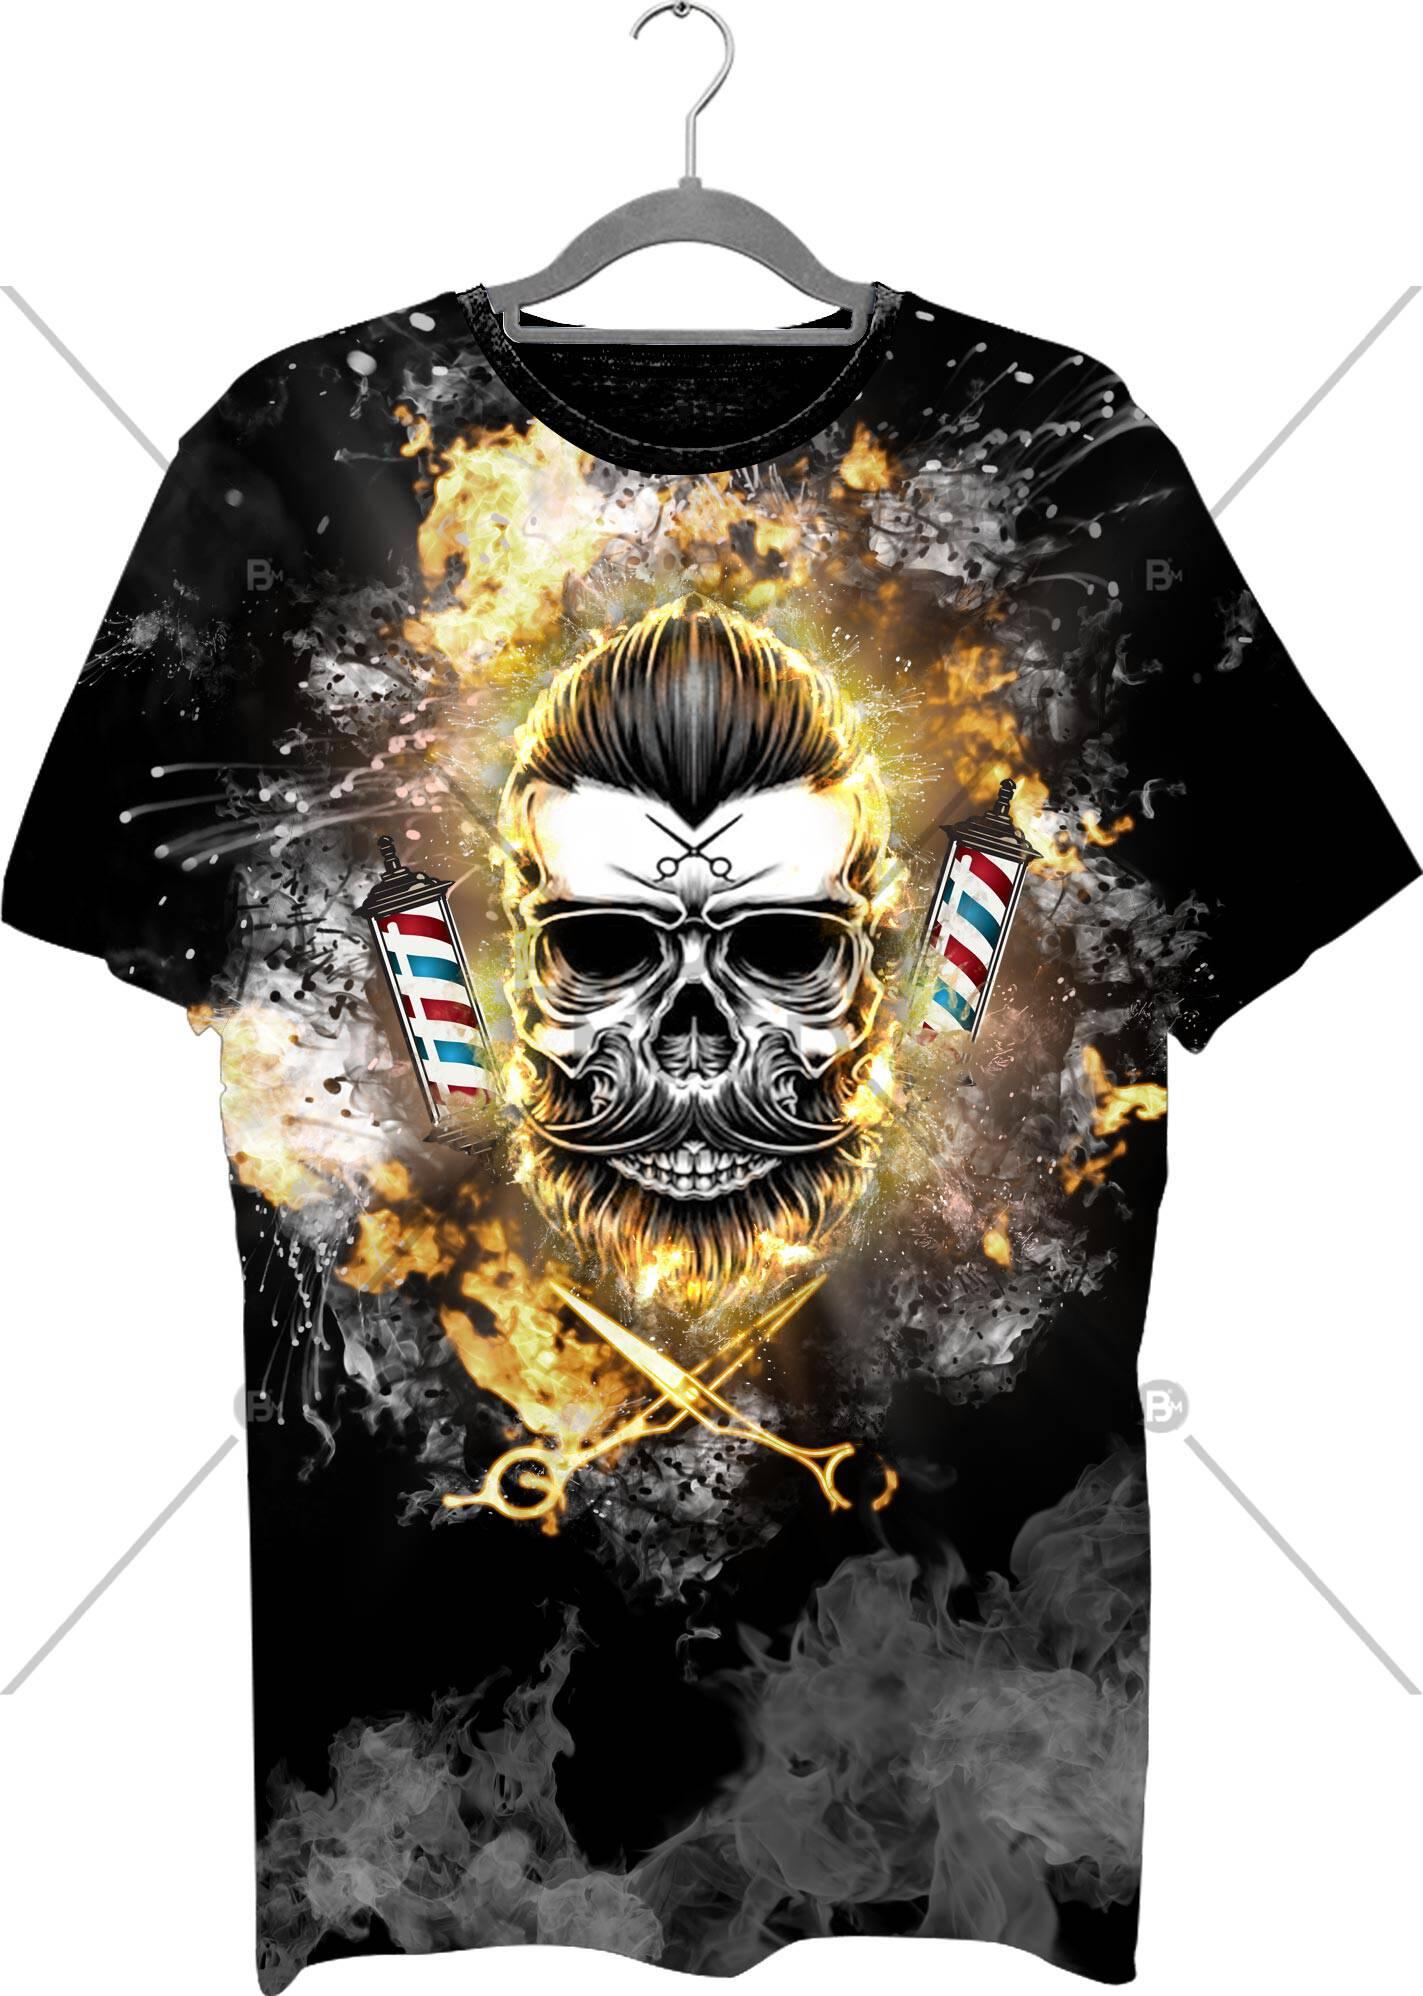 Full Baskılı Tişört - BM- Tshirt 11 ürünü kuaför ve berberlerin en çok tercih ettiği bir üründür. Firma logonuz ile baskı yapılabilir.